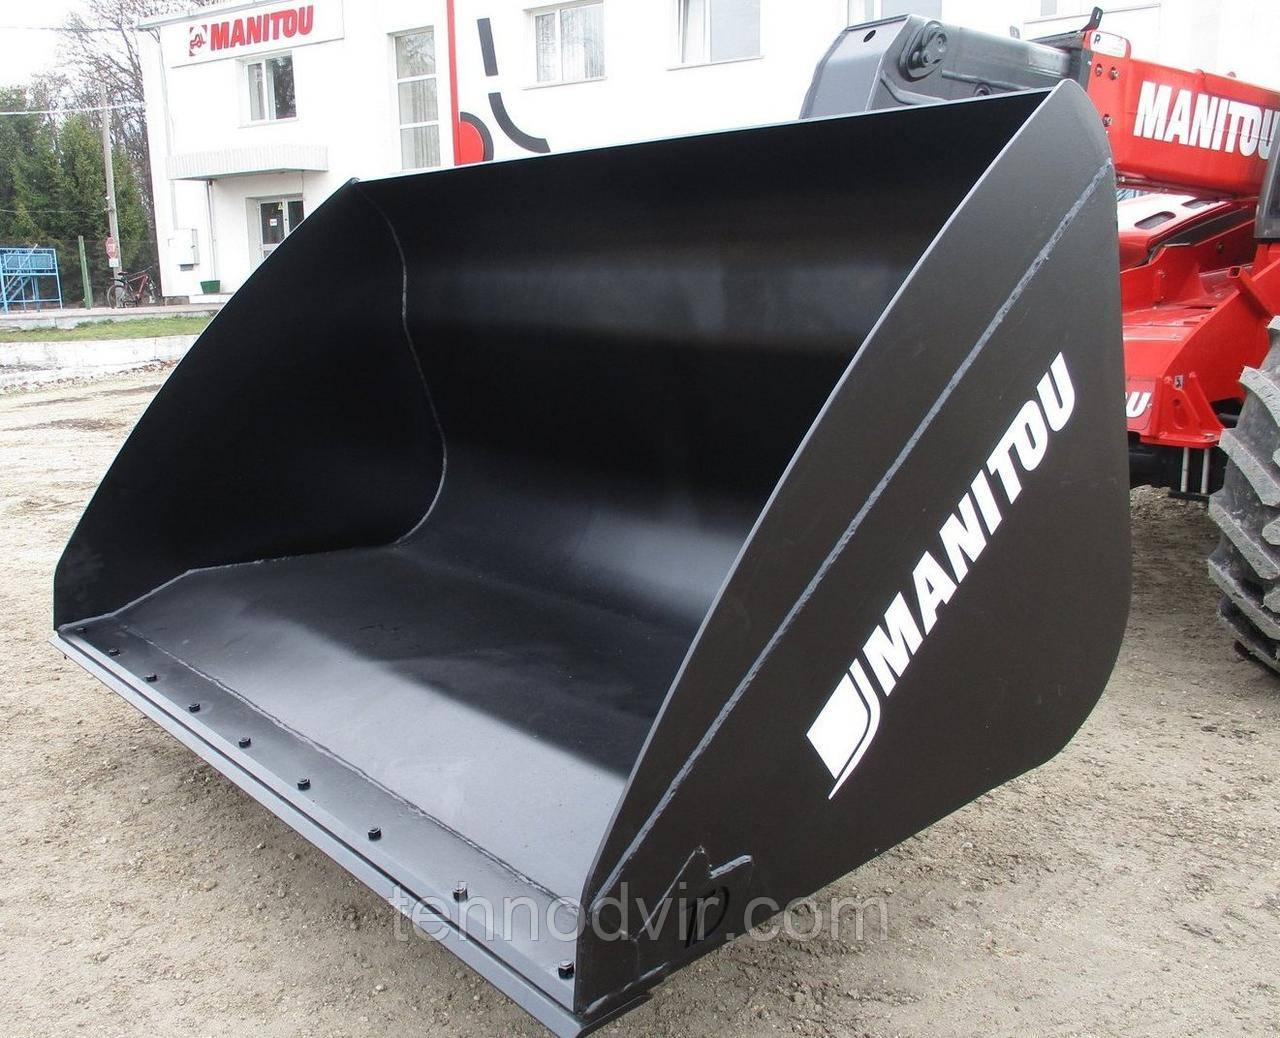 Новый Ковш MANITOU 10мм - универсальный ковш маниту 2,5 м³